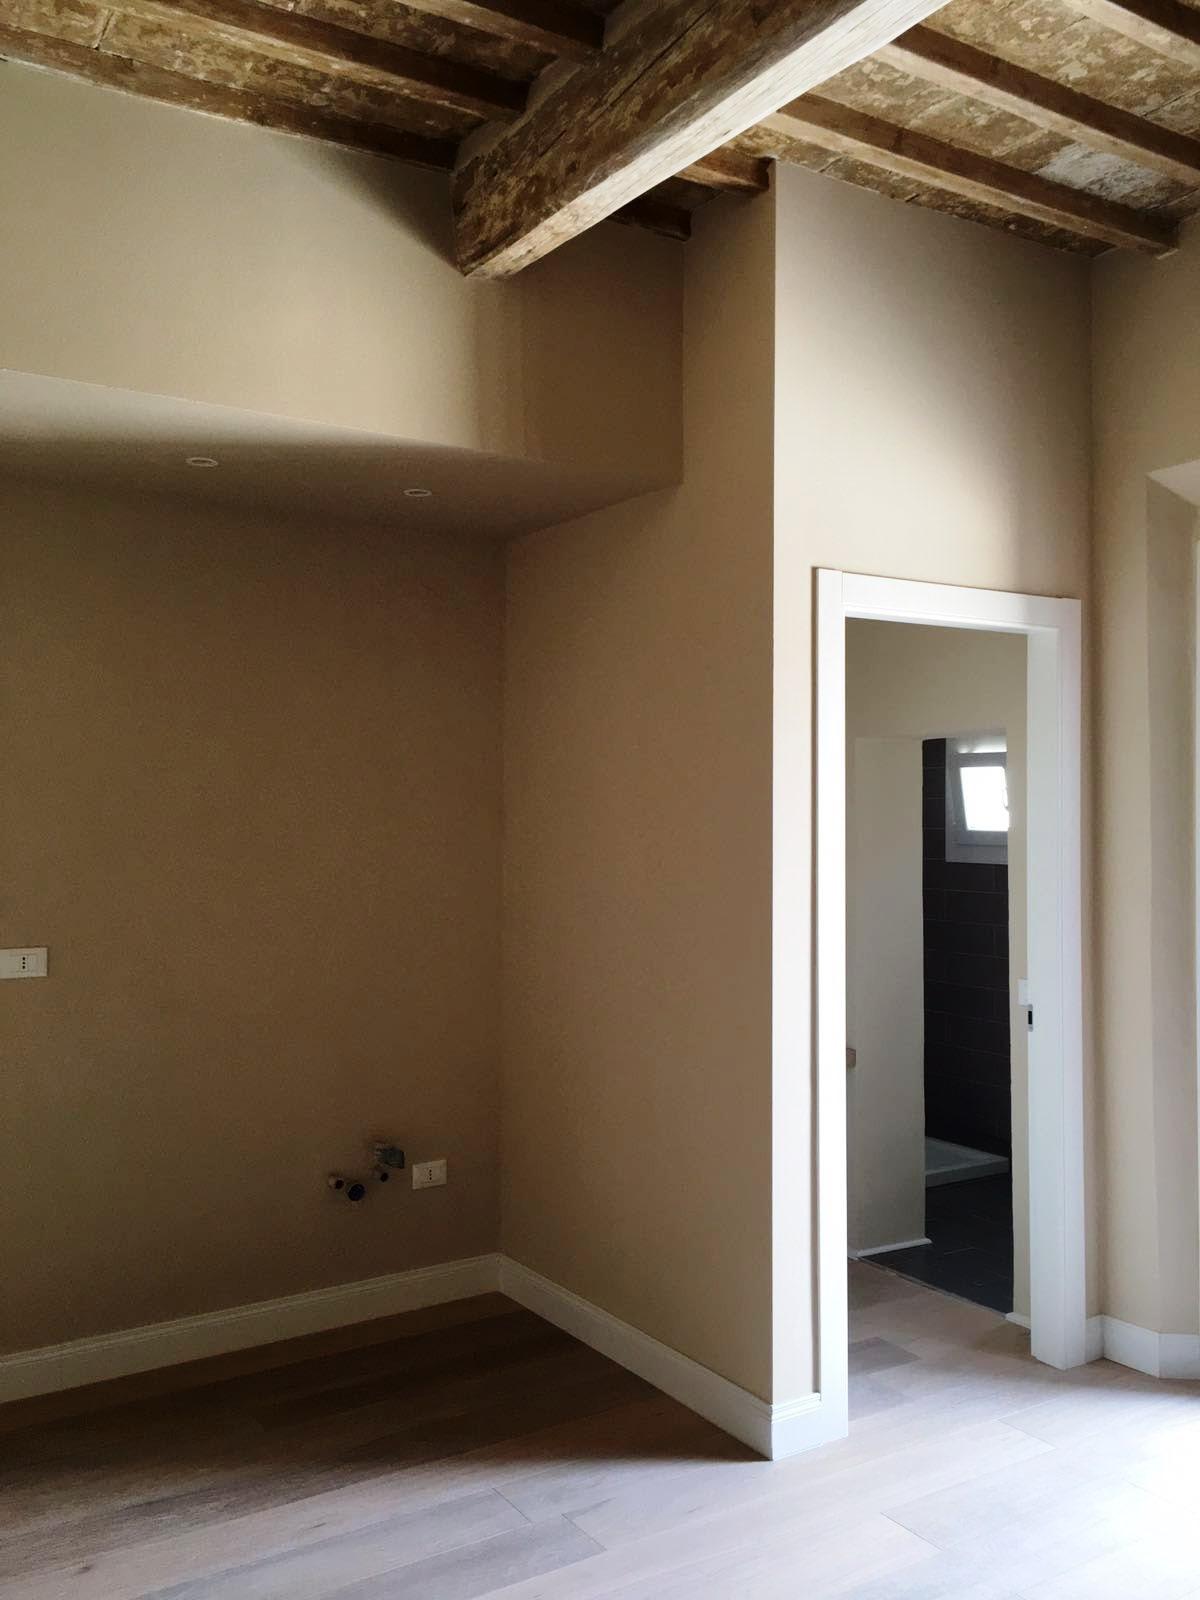 Appartamento in vendita a Ponsacco, 3 locali, zona Località: Ponsacco, prezzo € 140.000 | Cambio Casa.it